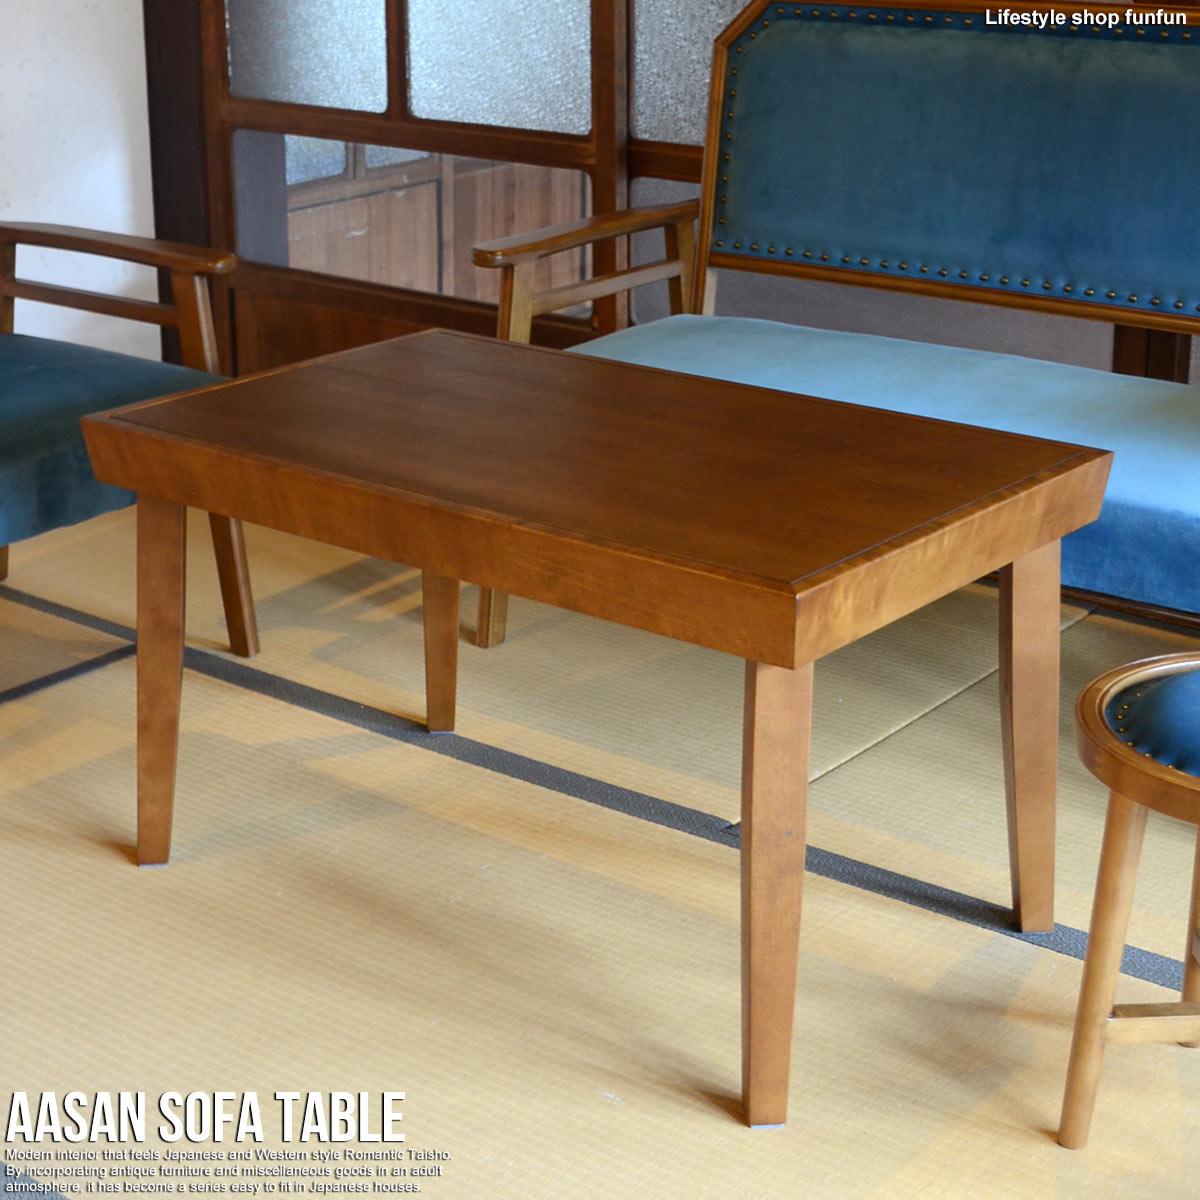 【あす楽】AASAN(アッサン) ソファテーブル 幅90cm リビングテーブル 古民家カフェ 畳部屋 洋室 和室 テーブル アンティーク風